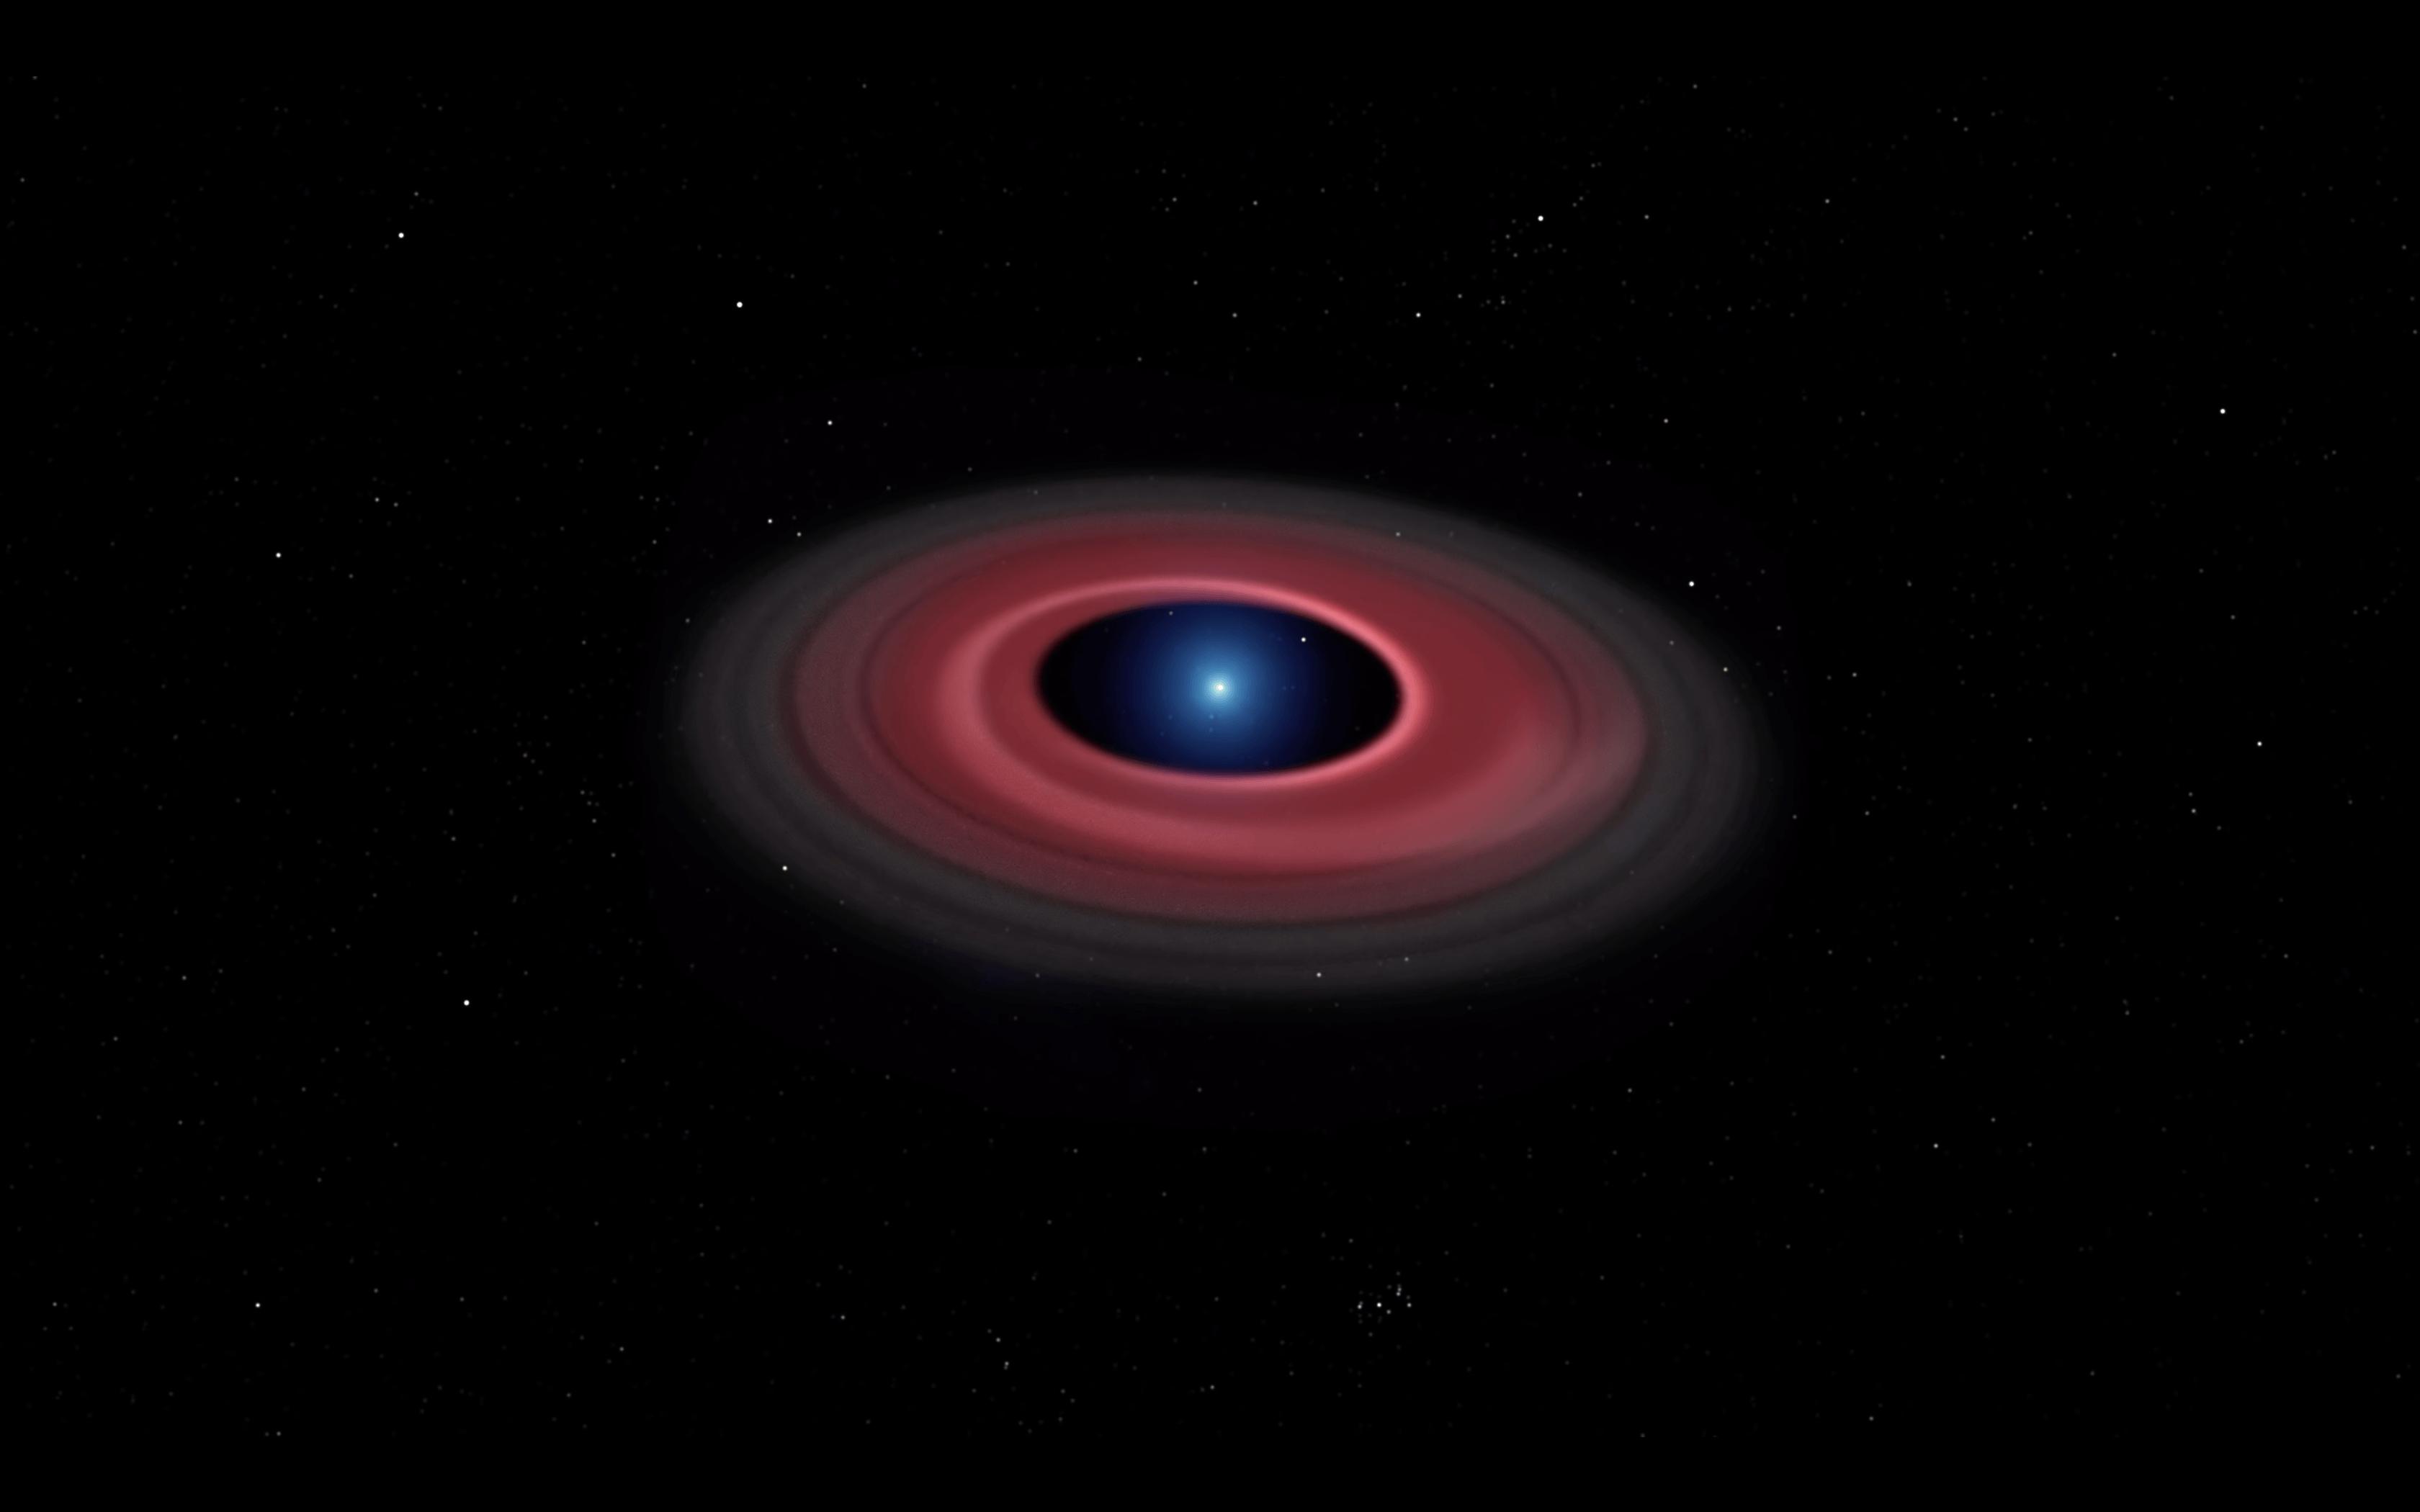 À quoi ressemblera notre système solaire après sa mort ? L'histoire de cette planète badass apporte des réponses